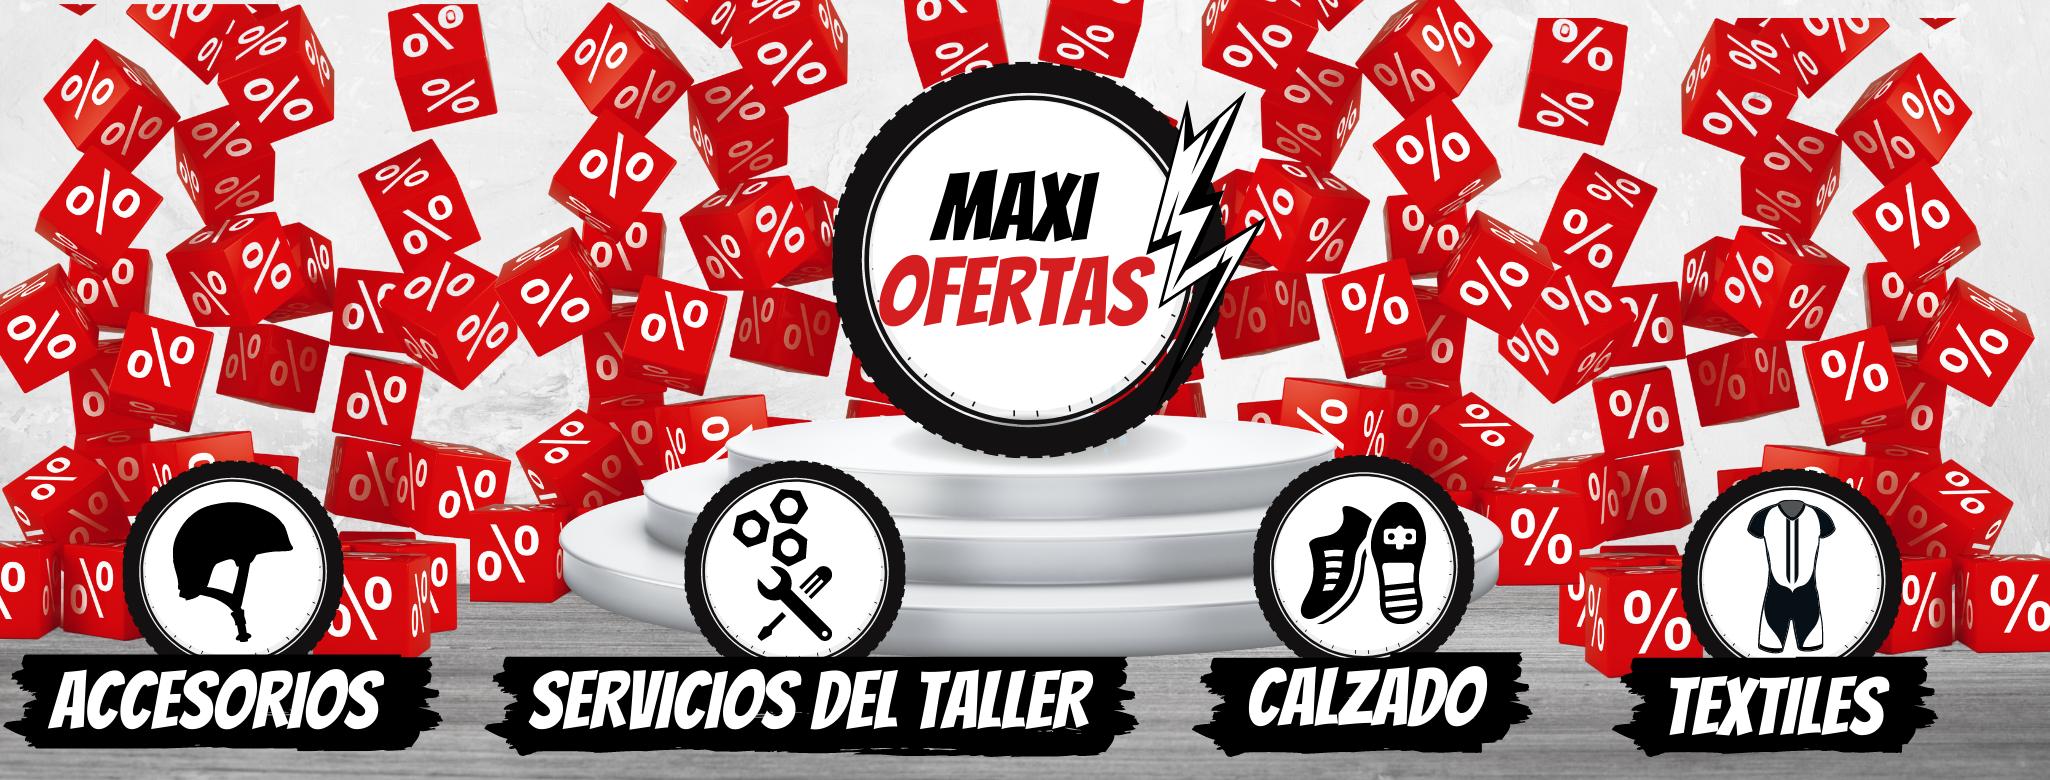 ofertas del 20% descuentos accesorios de ciclismo ropa de ciclismo bicicletas